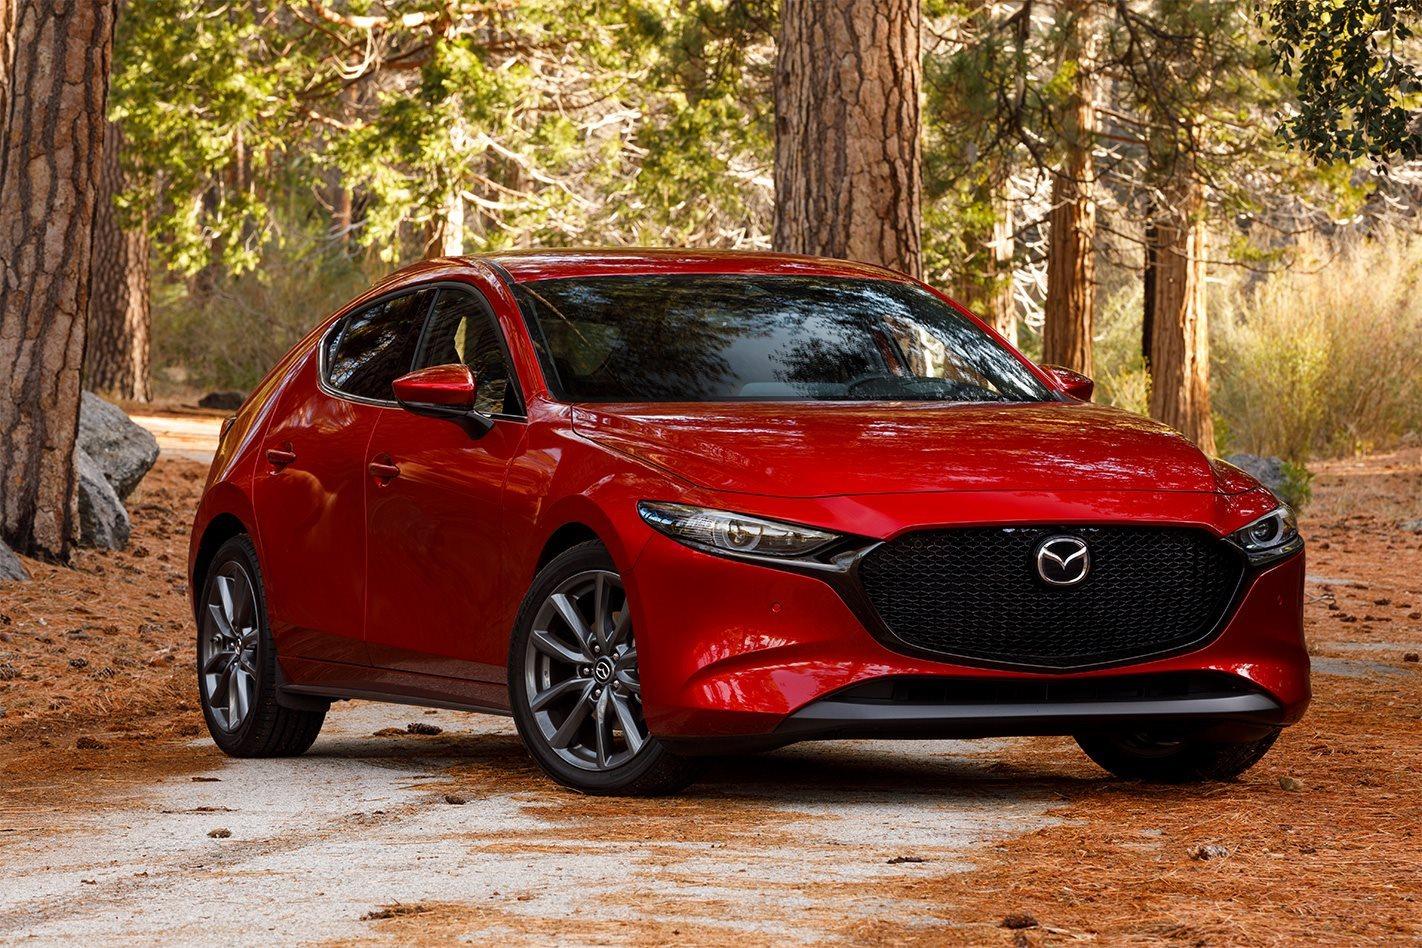 Kelebihan Kekurangan Mazda 3 2019 Spesifikasi